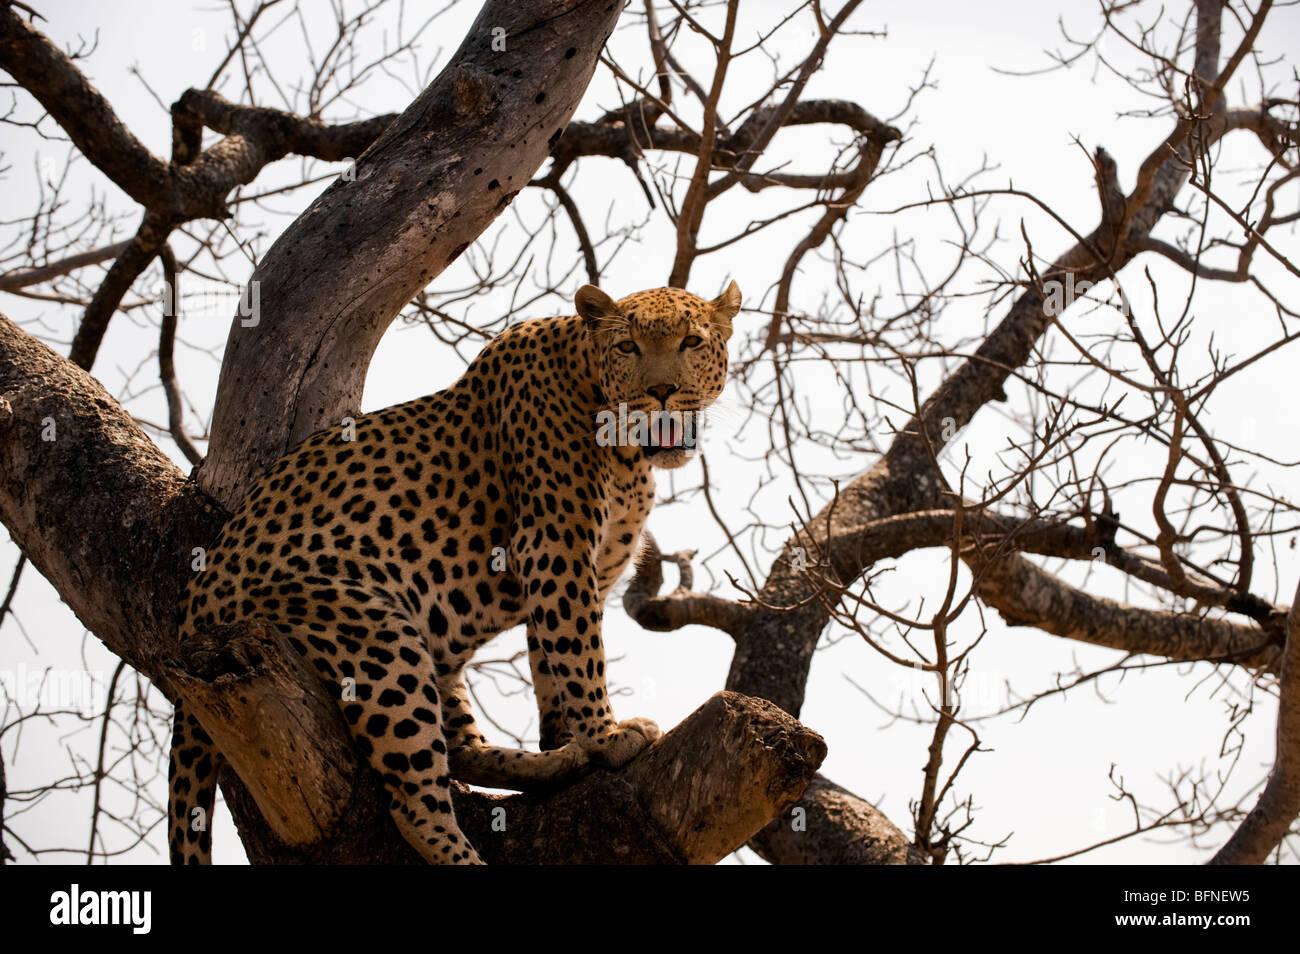 Male Leopard in Tree - Stock Image